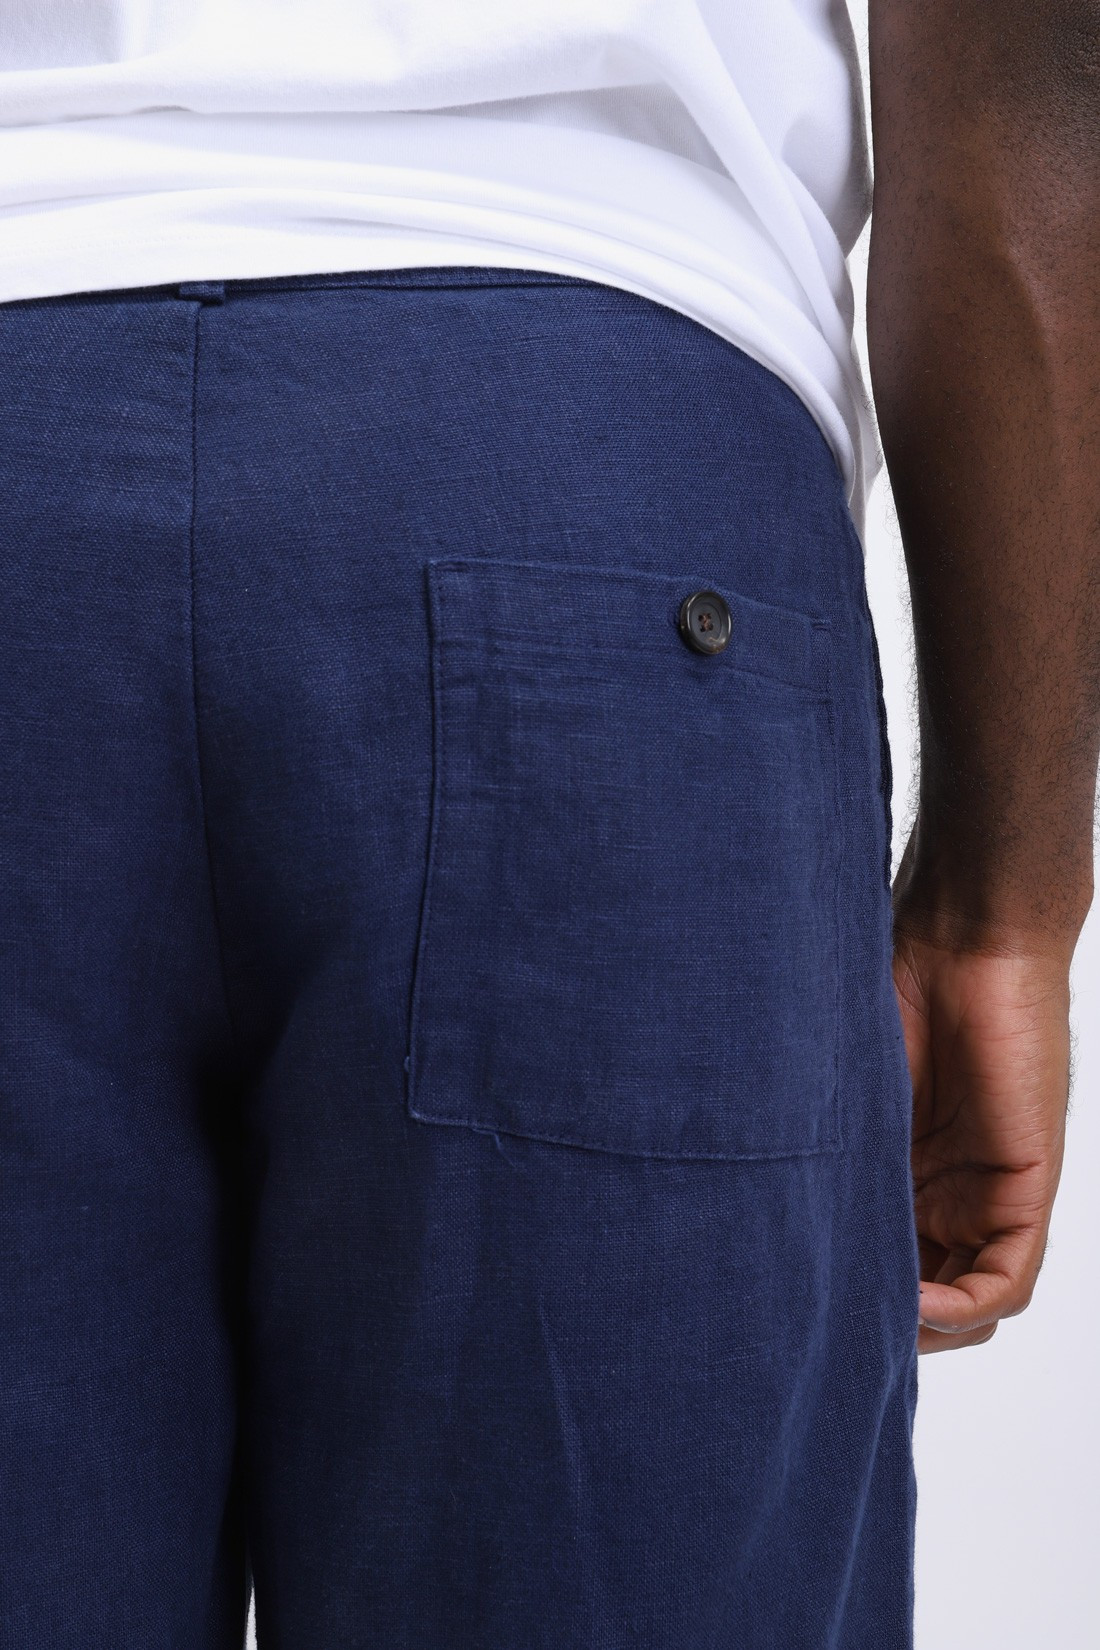 OLIVER SPENCER / Judo pant linen Navy